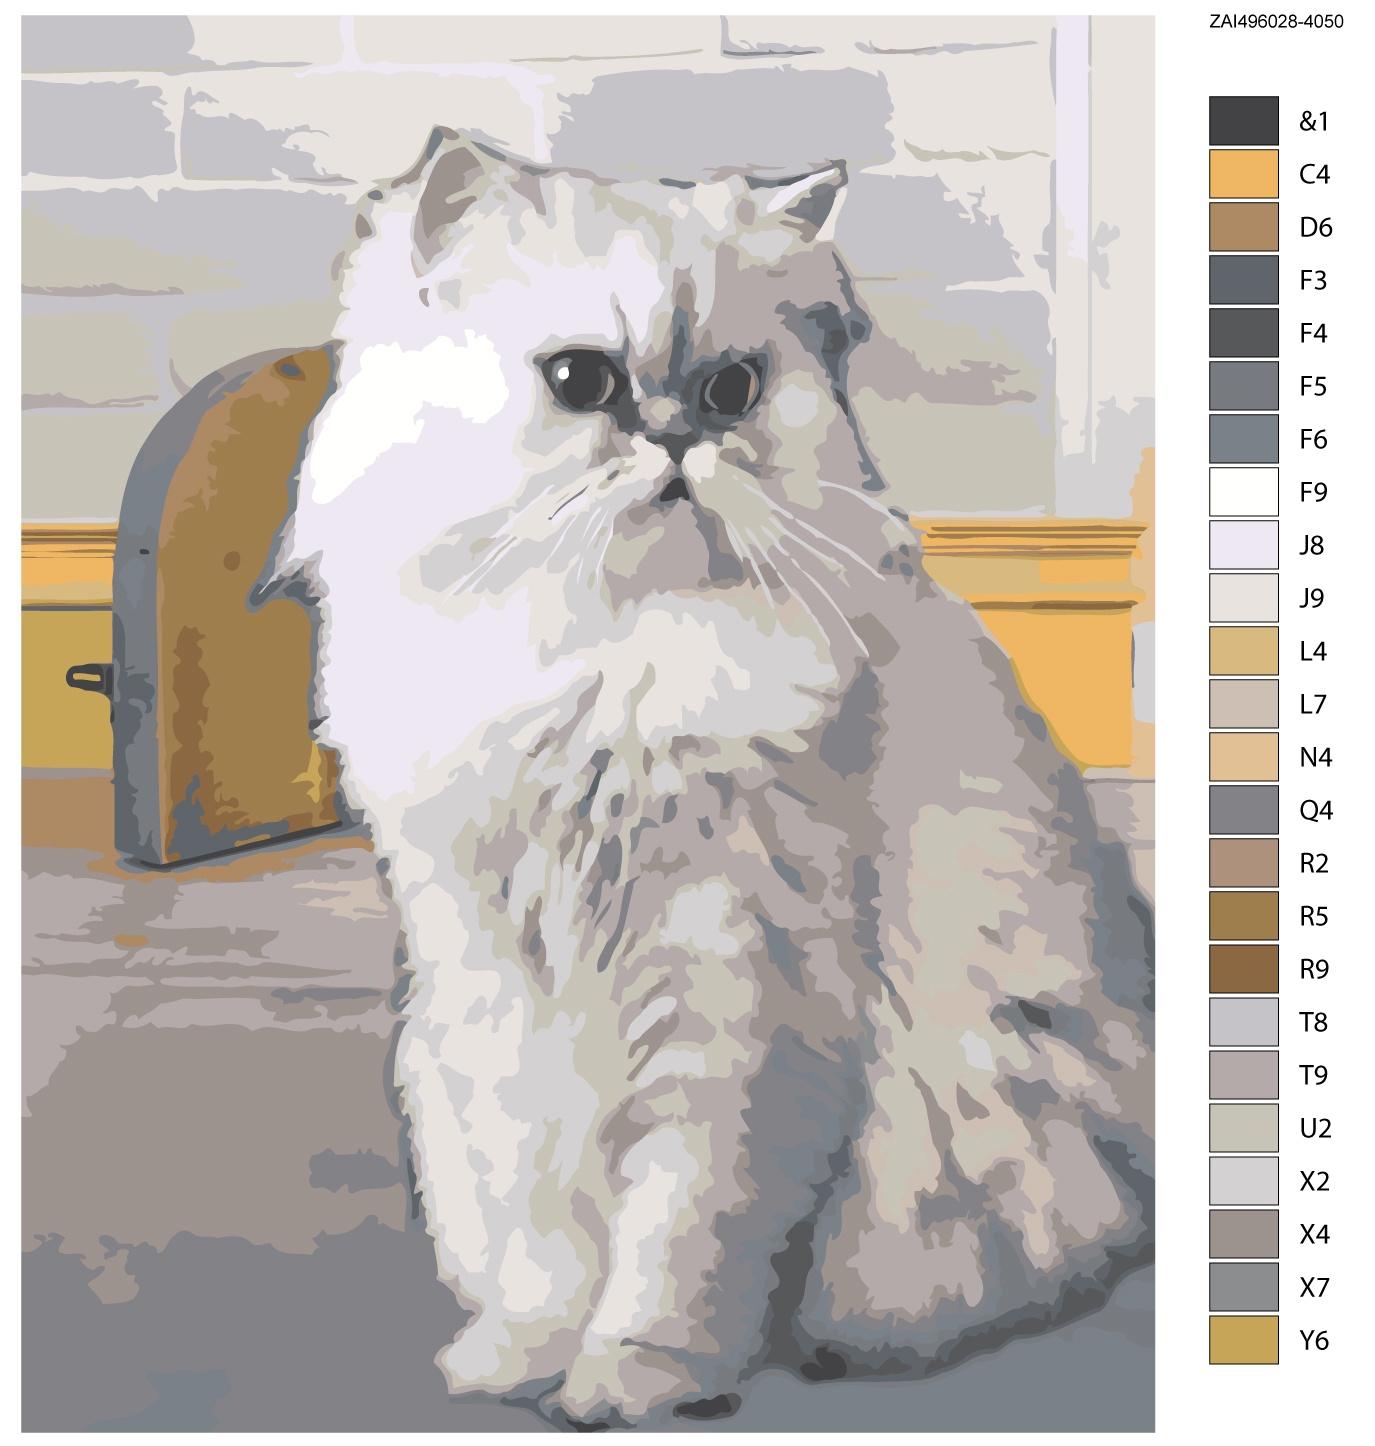 Картина по номерам, 80 x 100 см, ZAI496028-4050